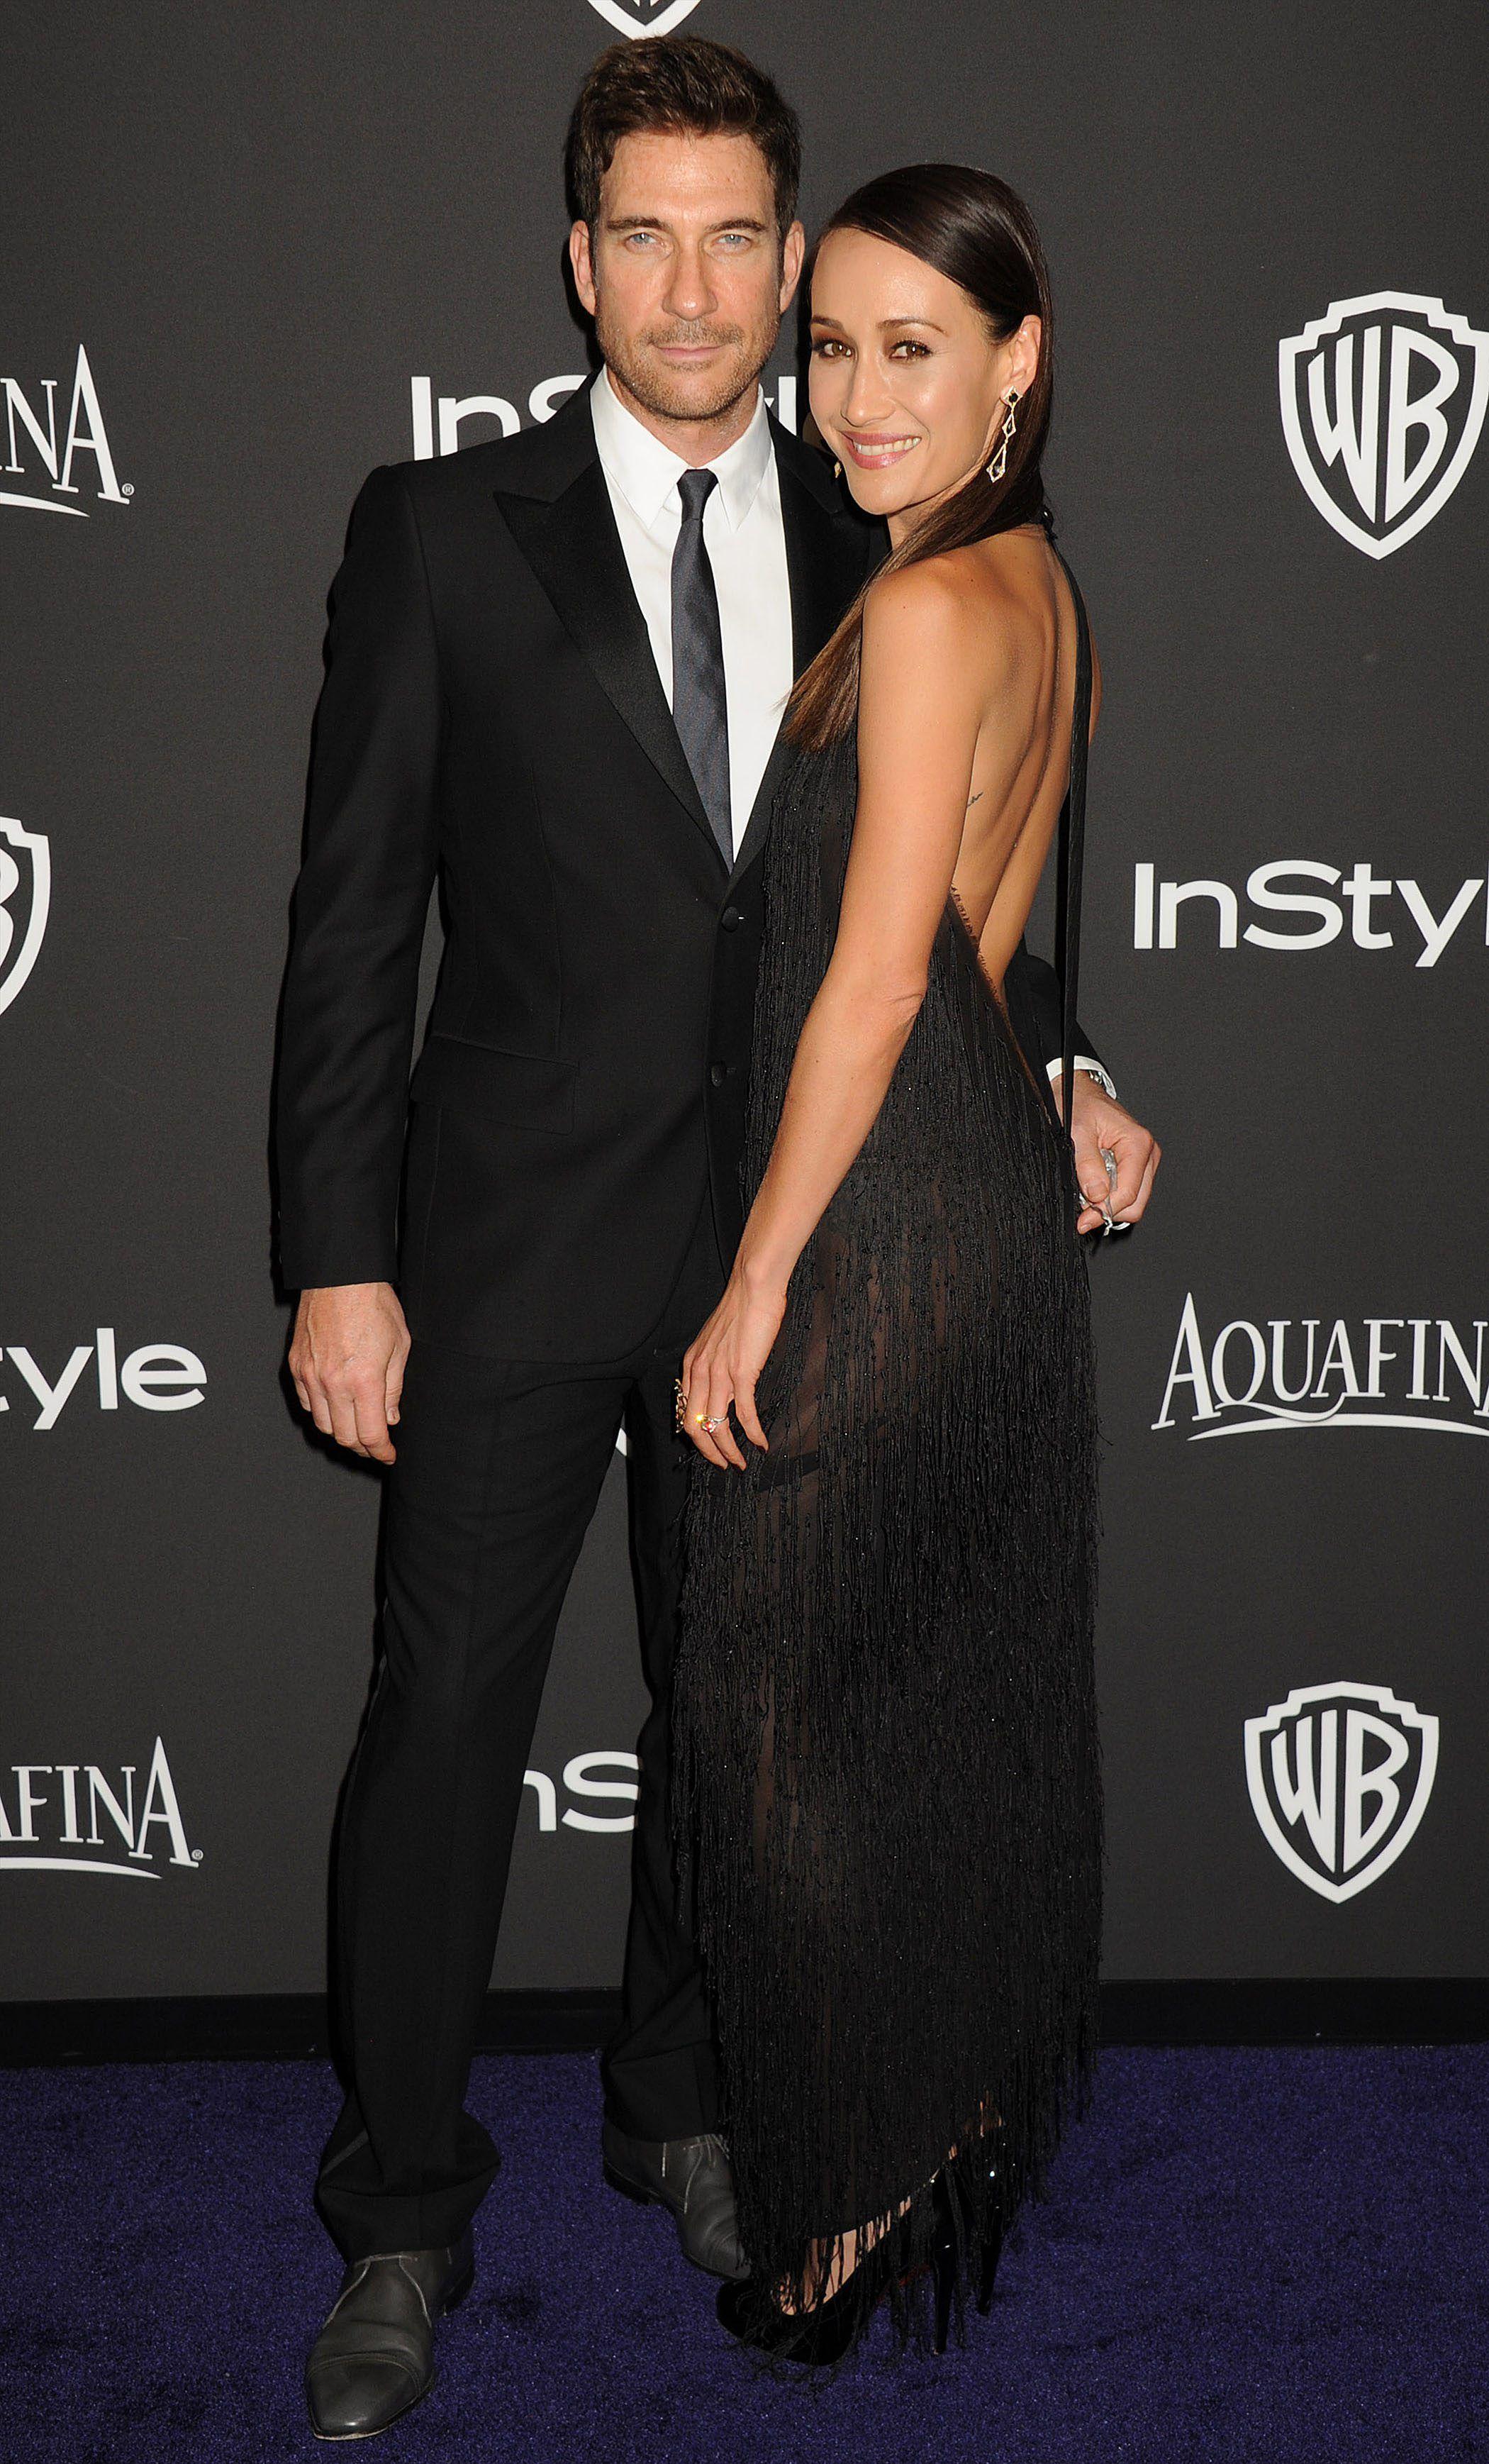 Dylan McDermott dating Stalker co-star Maggie Q - UPI.com